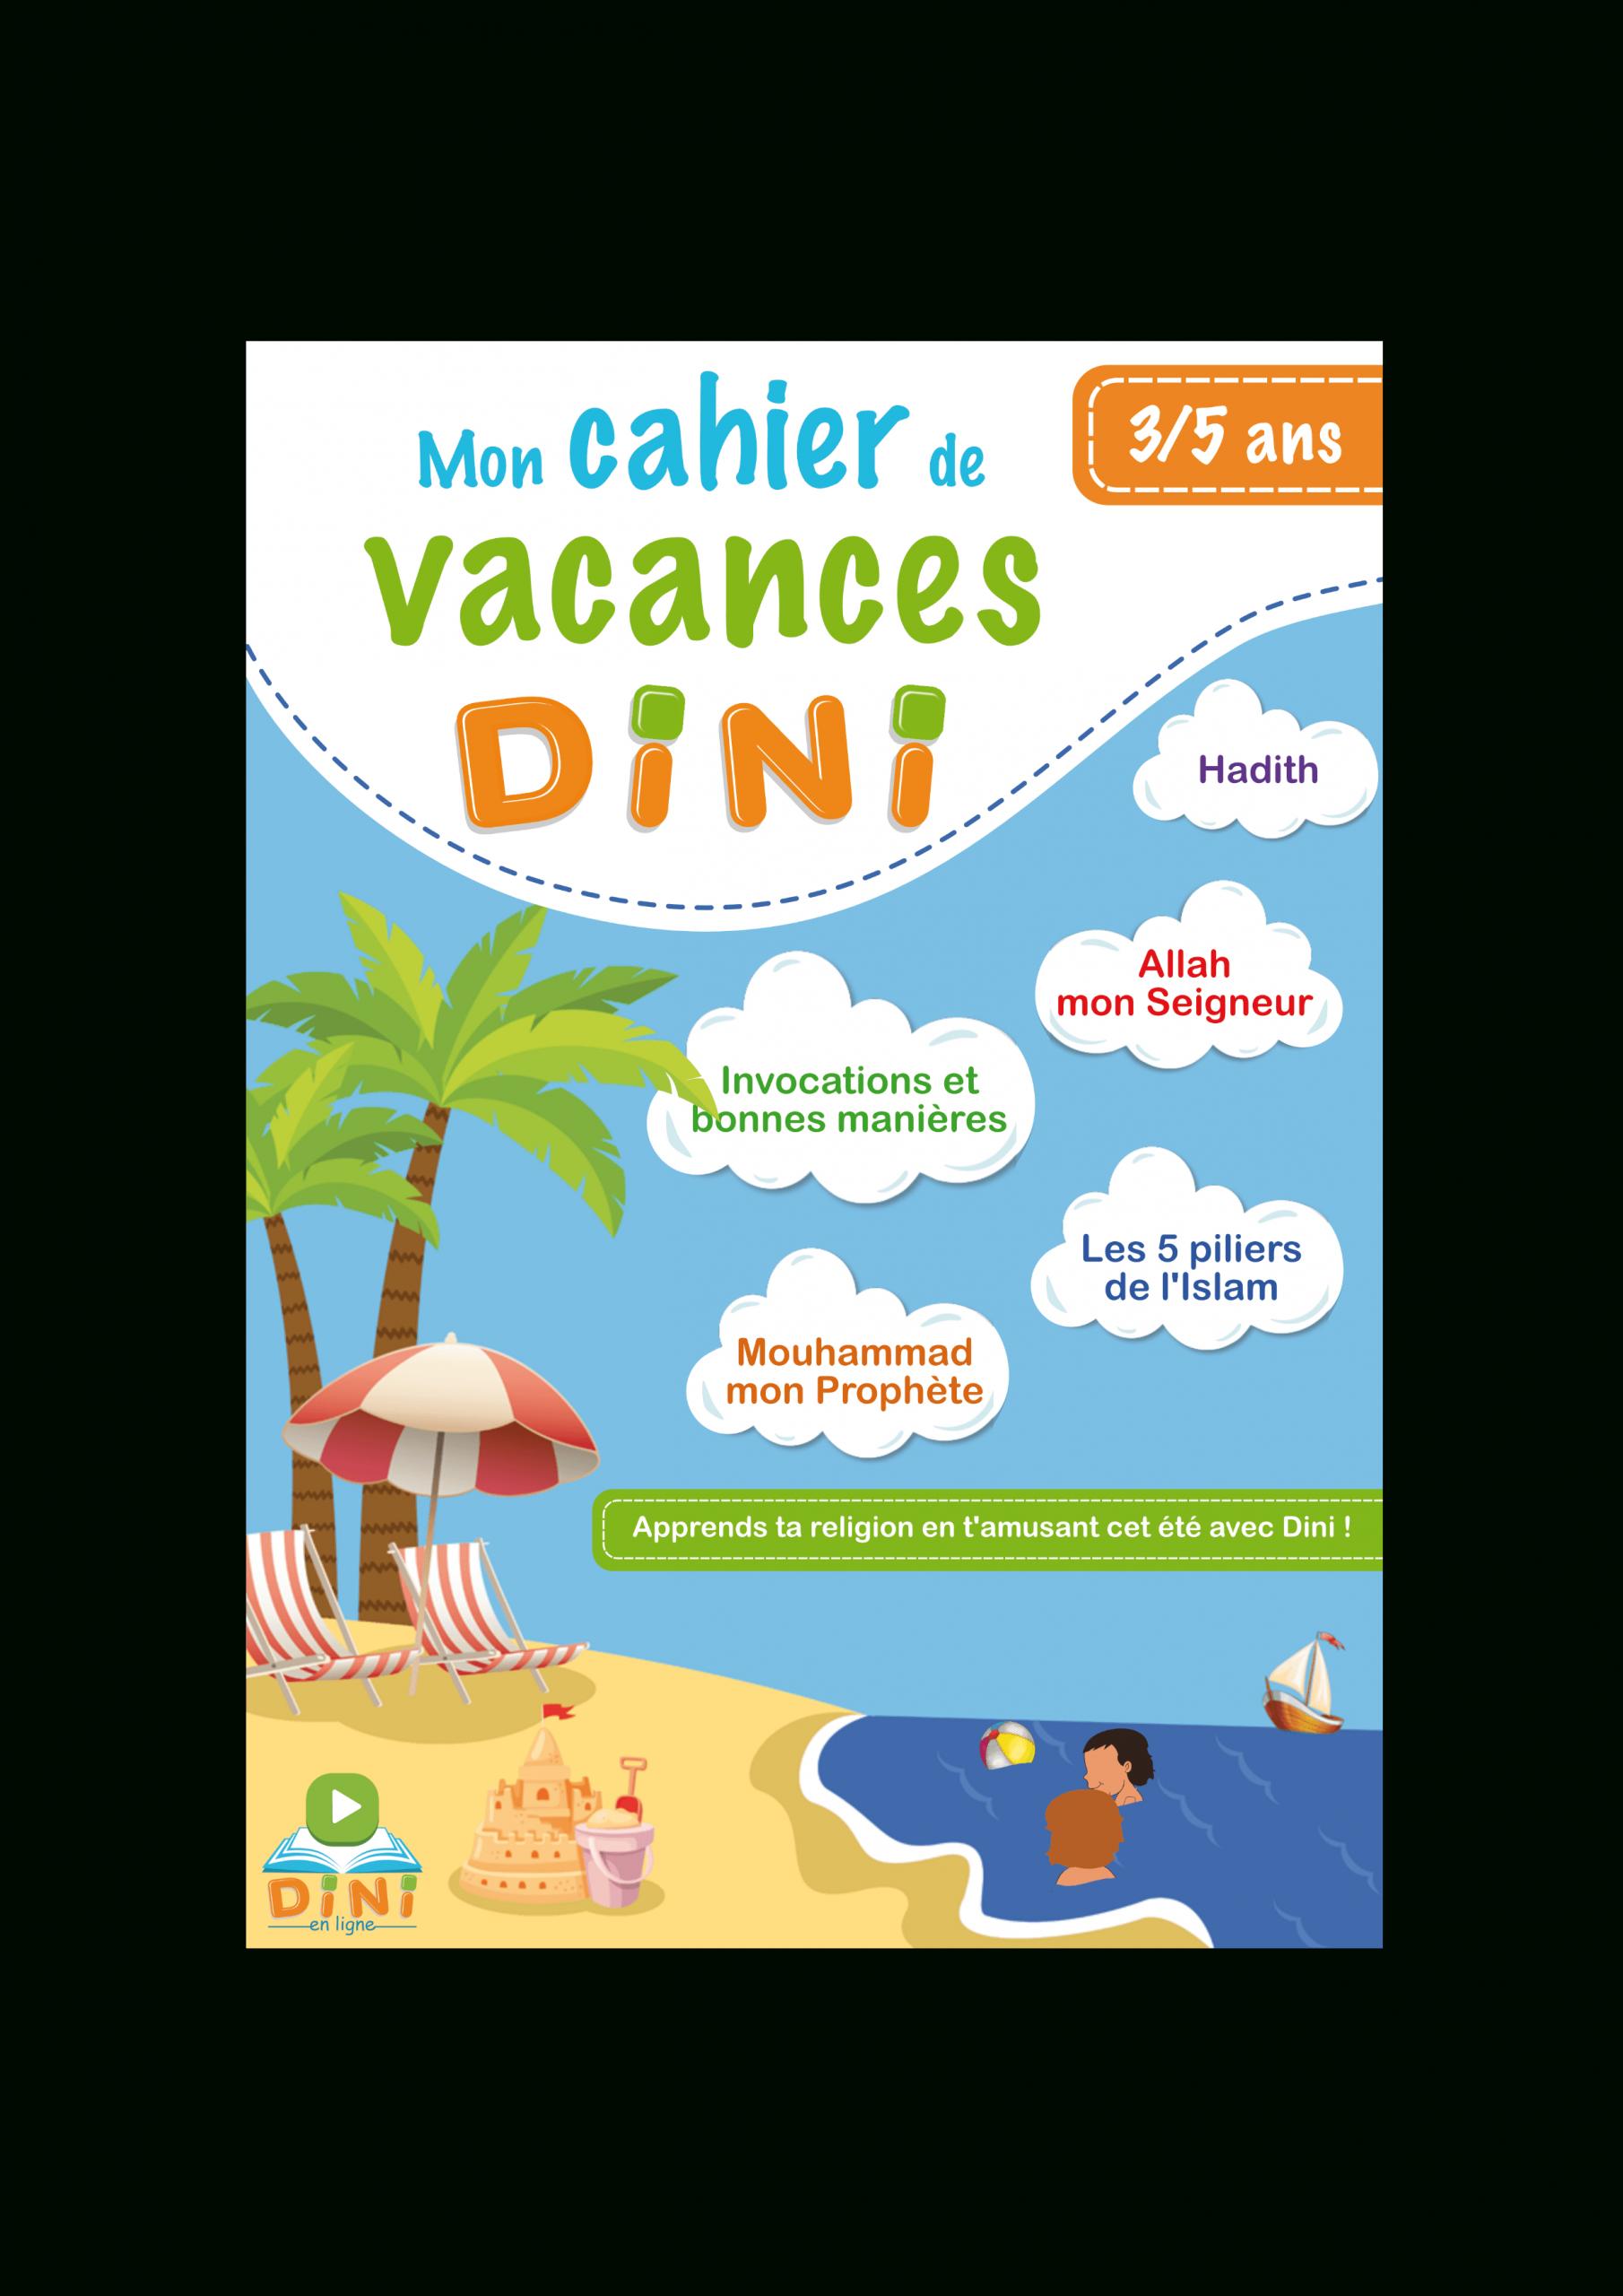 Cahier De Vacances 45 Ans Free Epub | Android Developer destiné Cahier De Vacances Moyenne Section A Imprimer